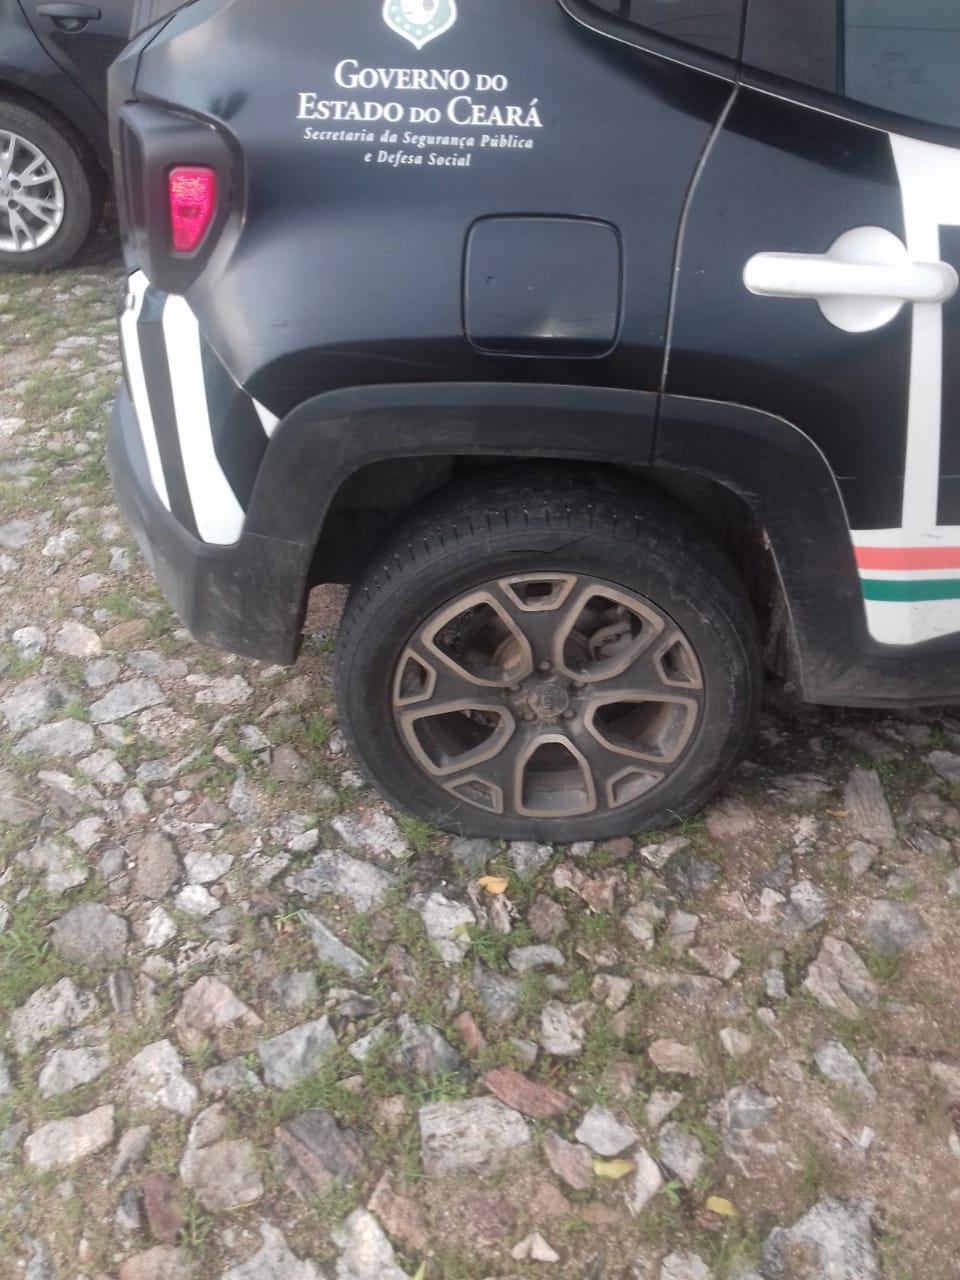 Viaturas da Polícia de Santa Quitéria são levadas e outras tem pneus furados